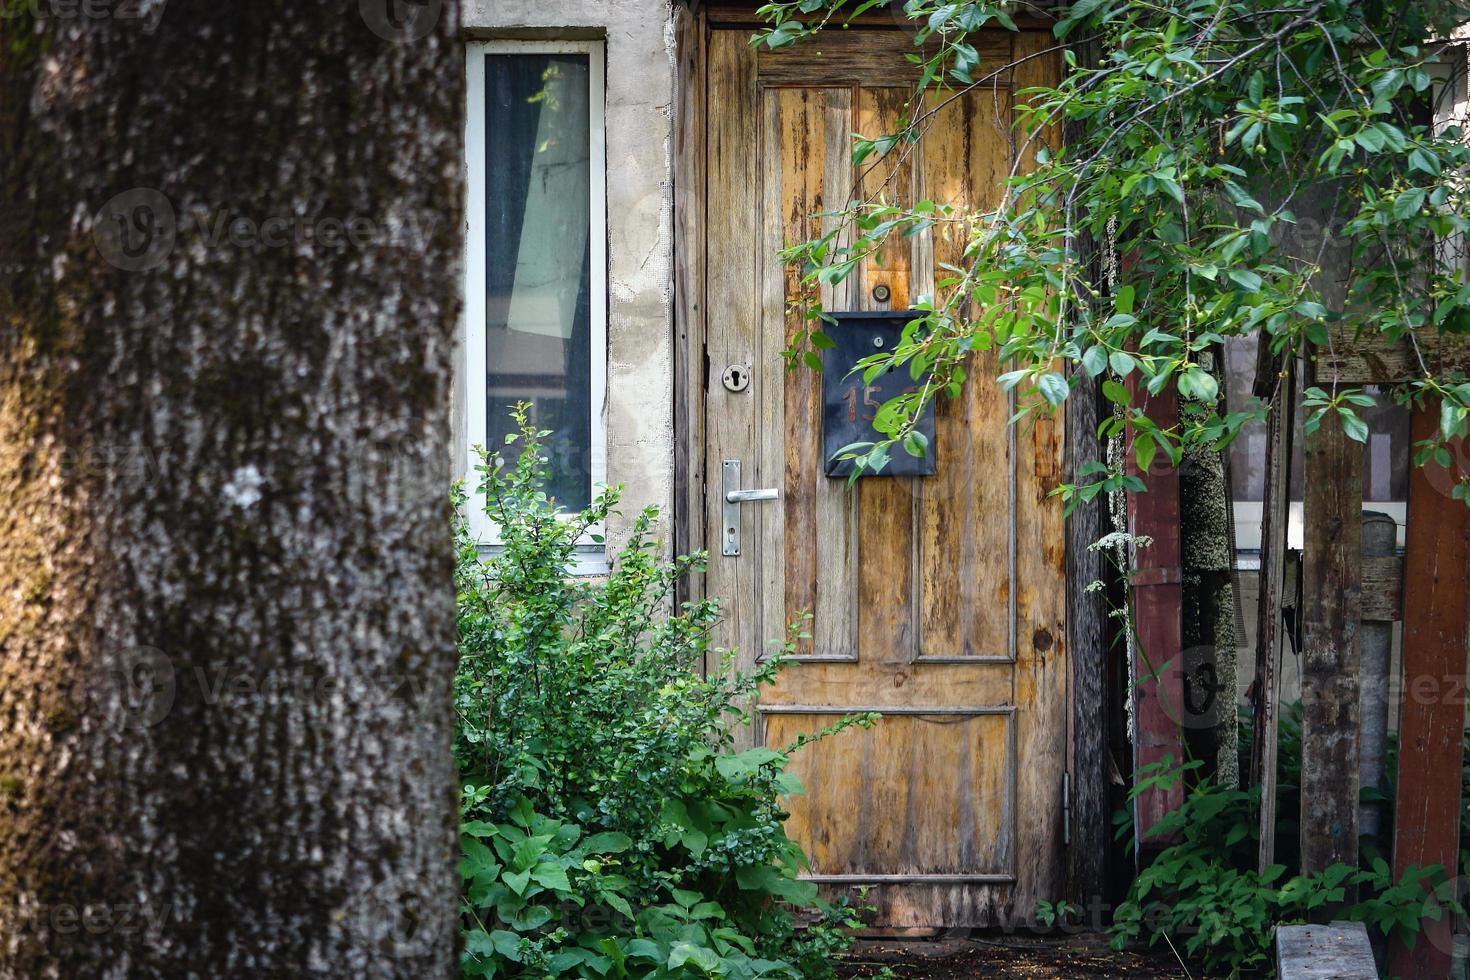 porta in legno con cassetta della posta dietro ciliegio con foglie e bacche acerbe foto